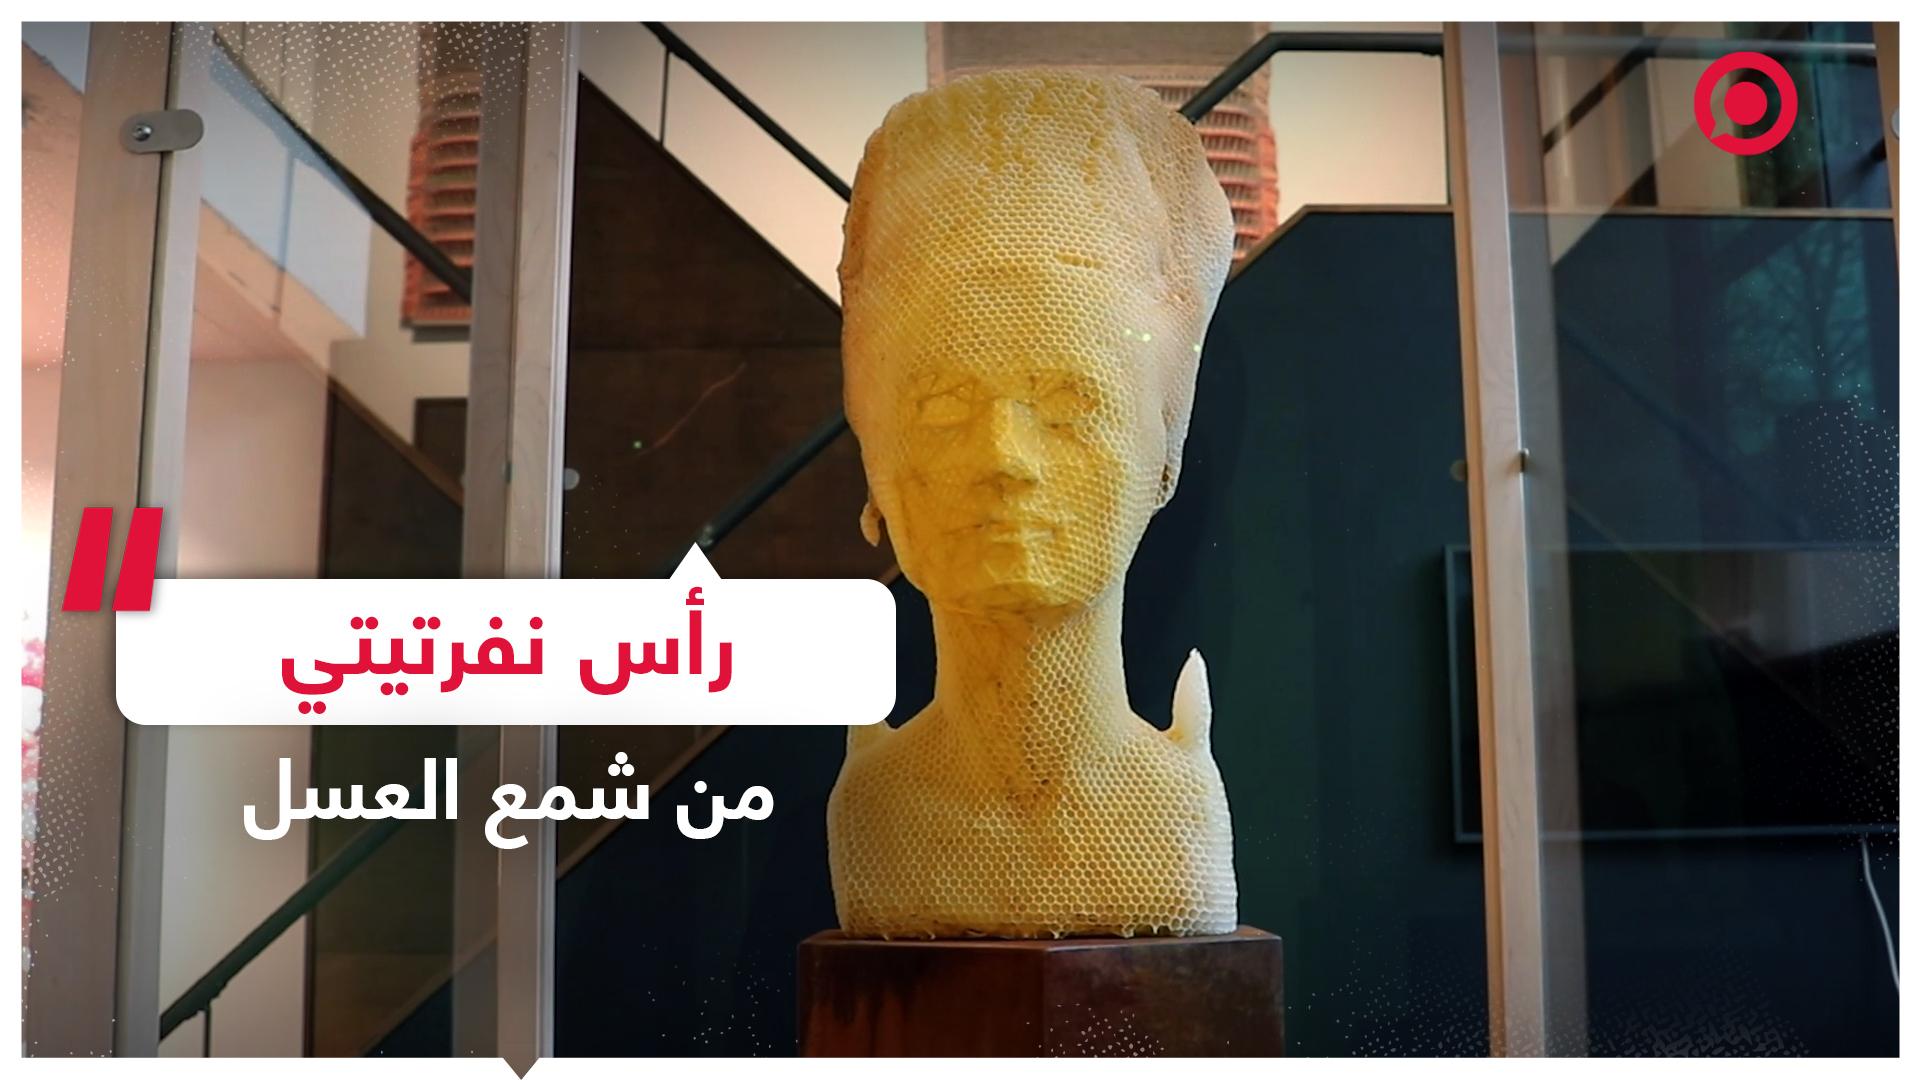 #فن    #فنون     #مصر  #نفرتيتي